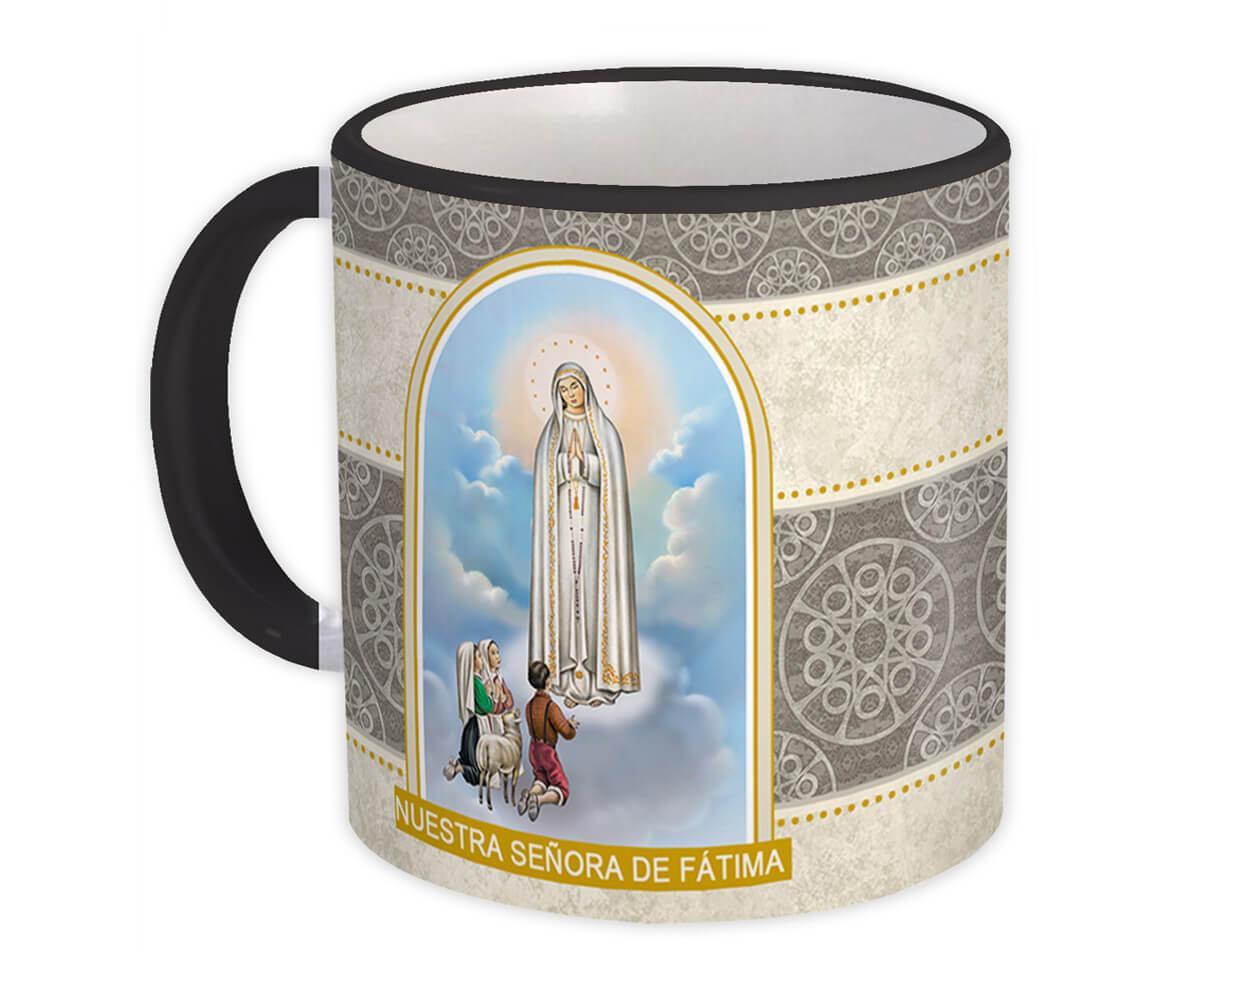 Nuestra Senora de Fatima : Gift Mug Catolica Catolico Santa Virgen Maria Religiosa